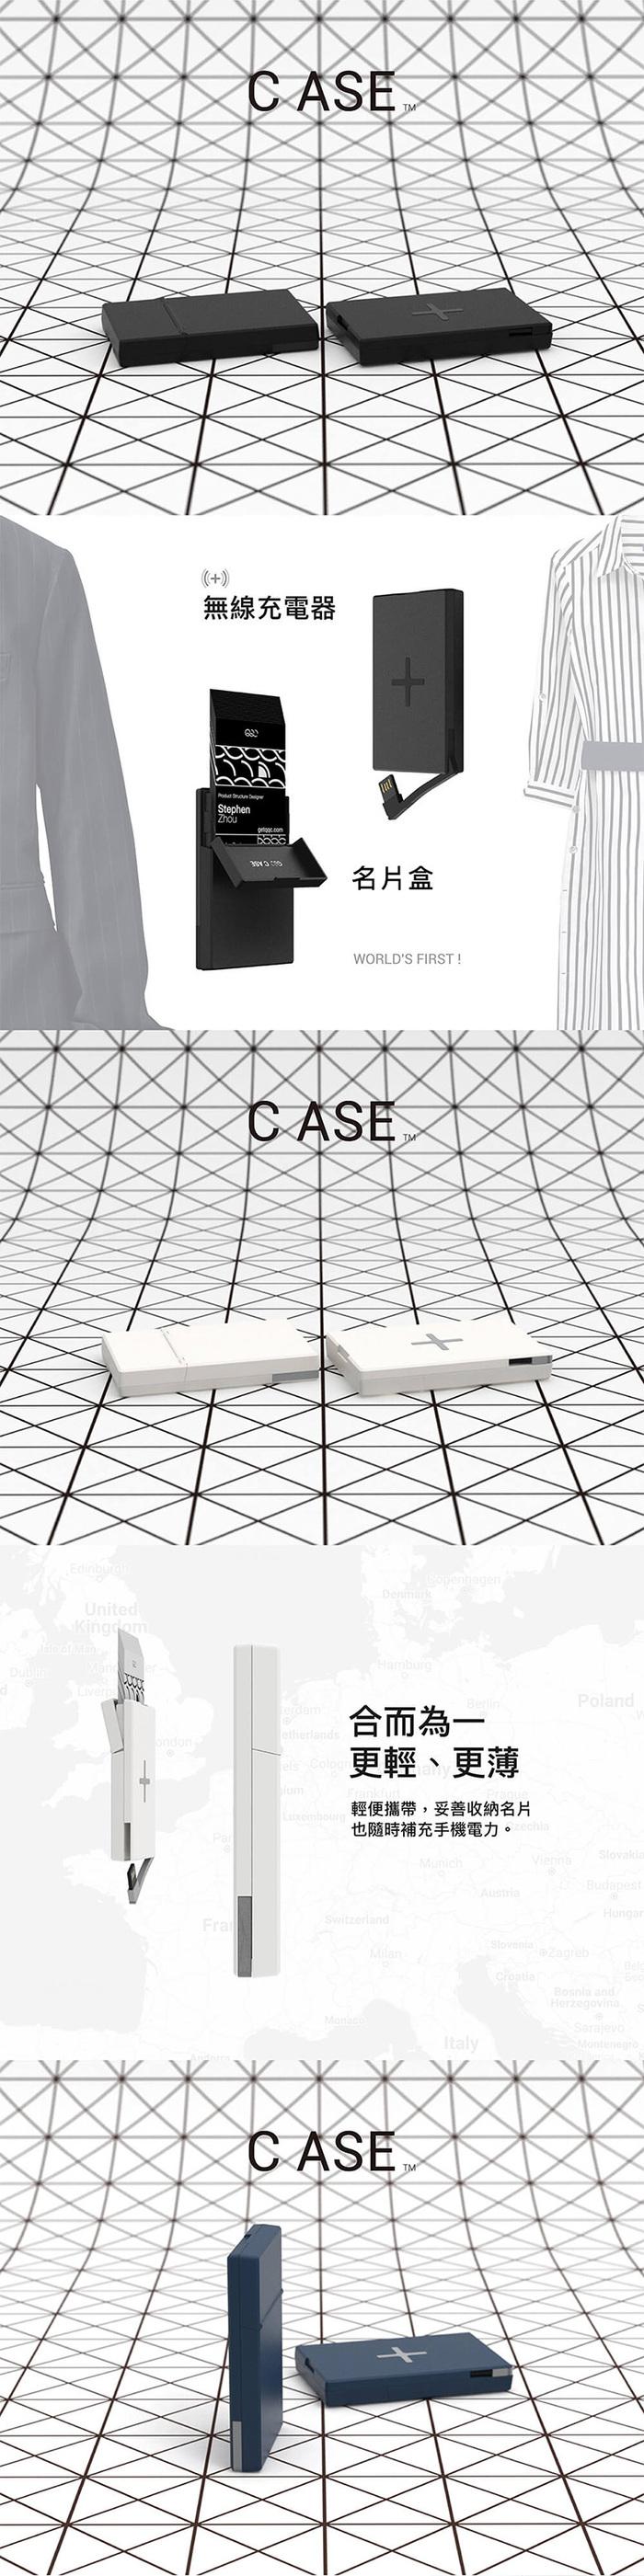 QQC CASE - 10W 無線充電名片盒- 消光黑/時尚白